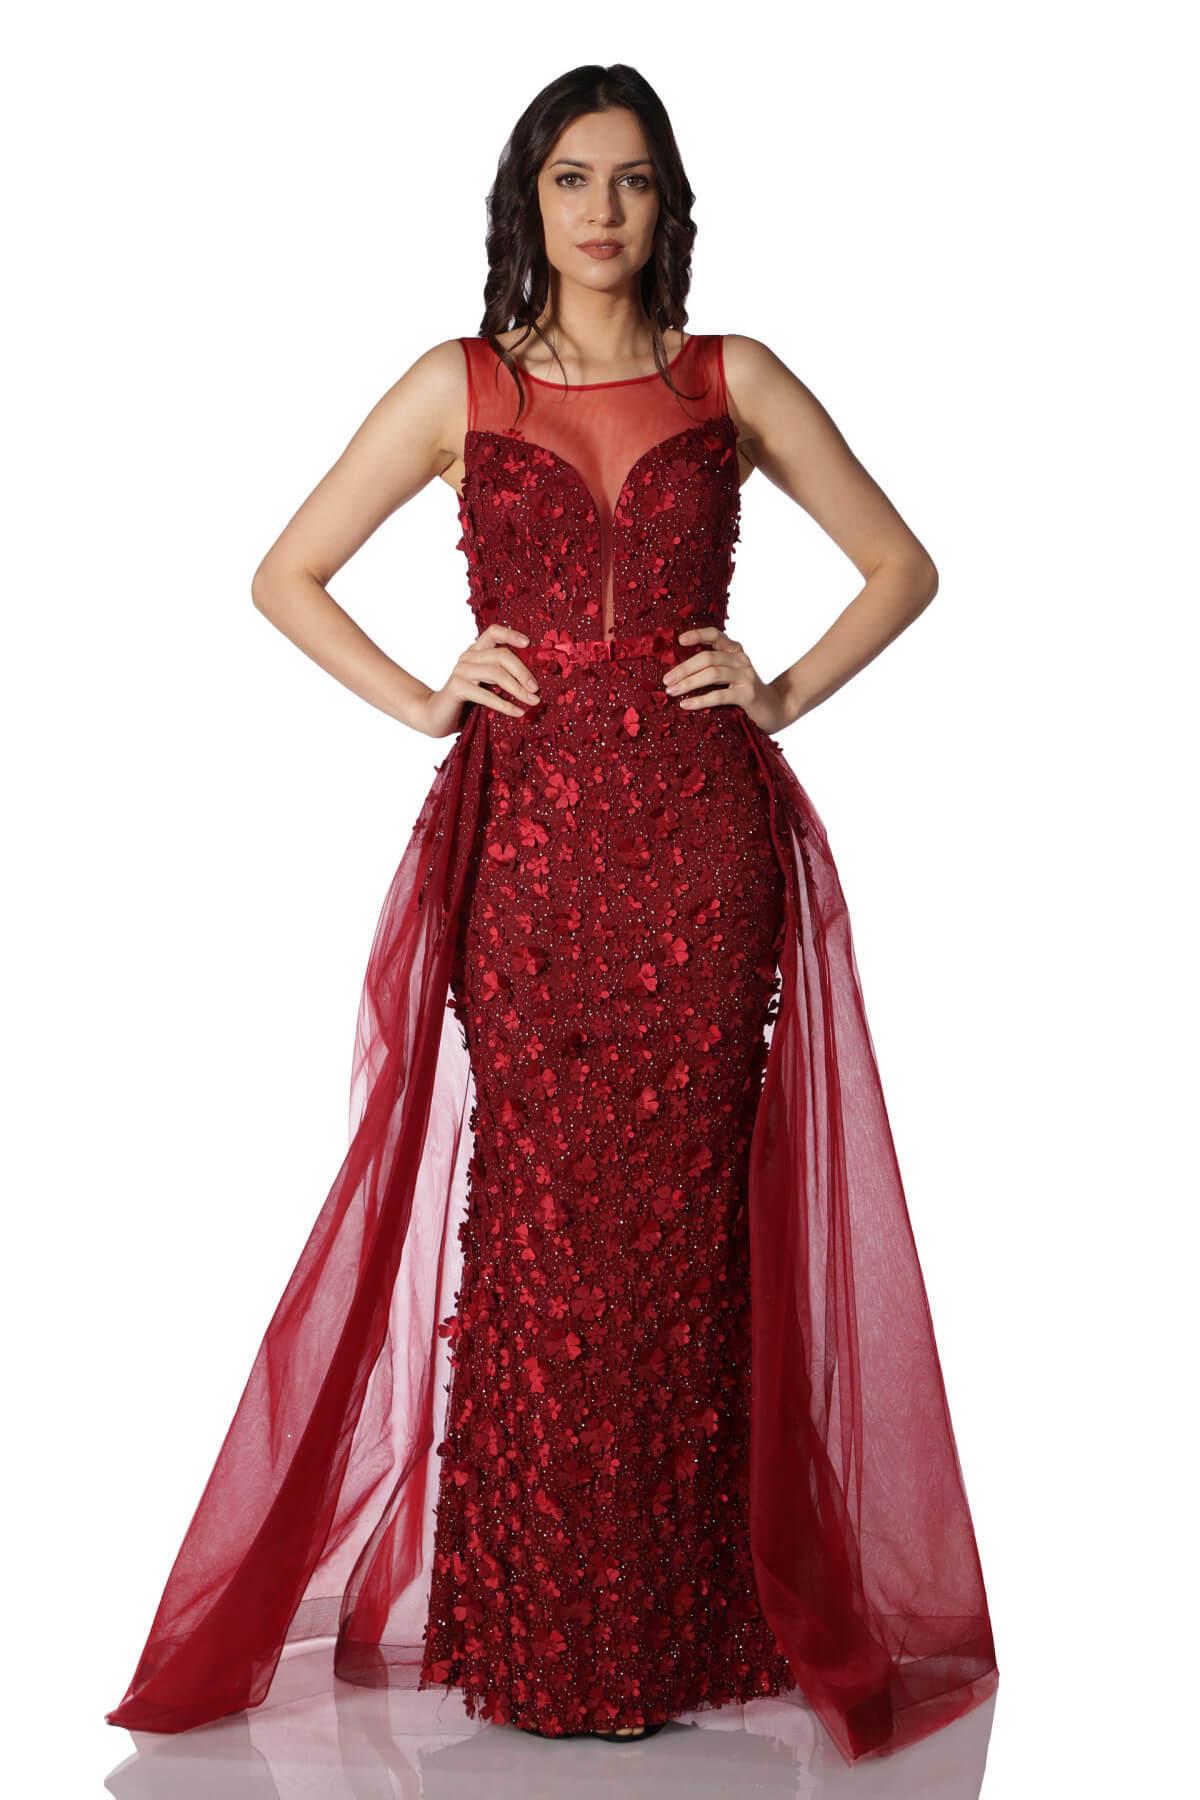 295c87e6f4aae Pierre Cardin Kadın Kırmızı Çiçekli Pelerinli Uzun Abiye Elbise PC55026